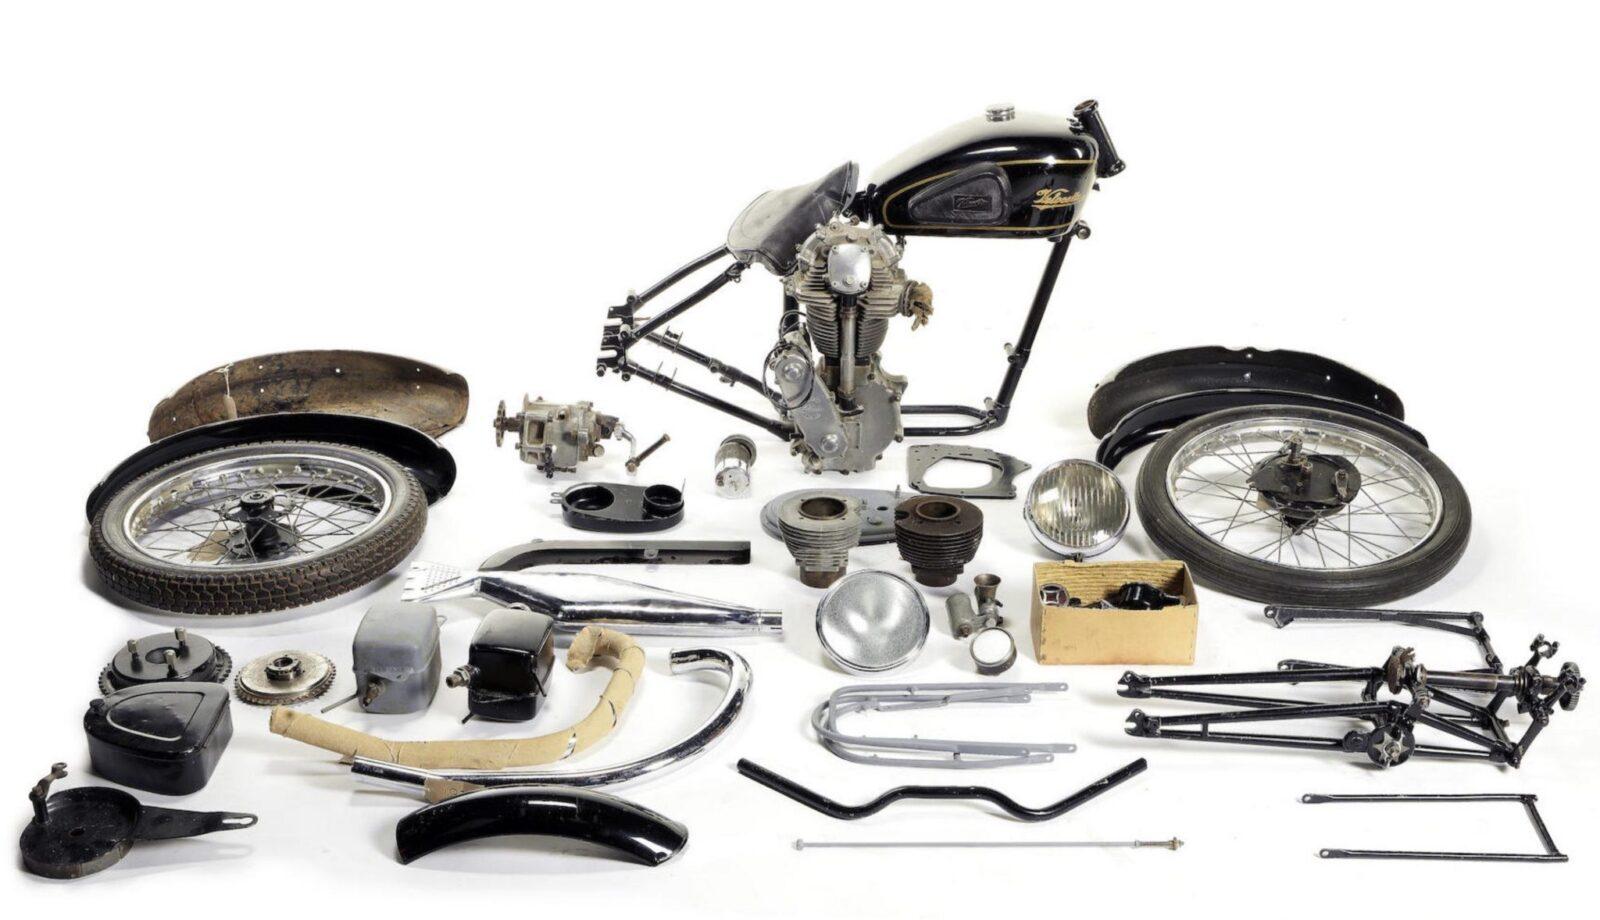 VELOCETTE 349CC KSS e1492240506727 1600x920 - Velocette KSS MkII Project Motorcycle